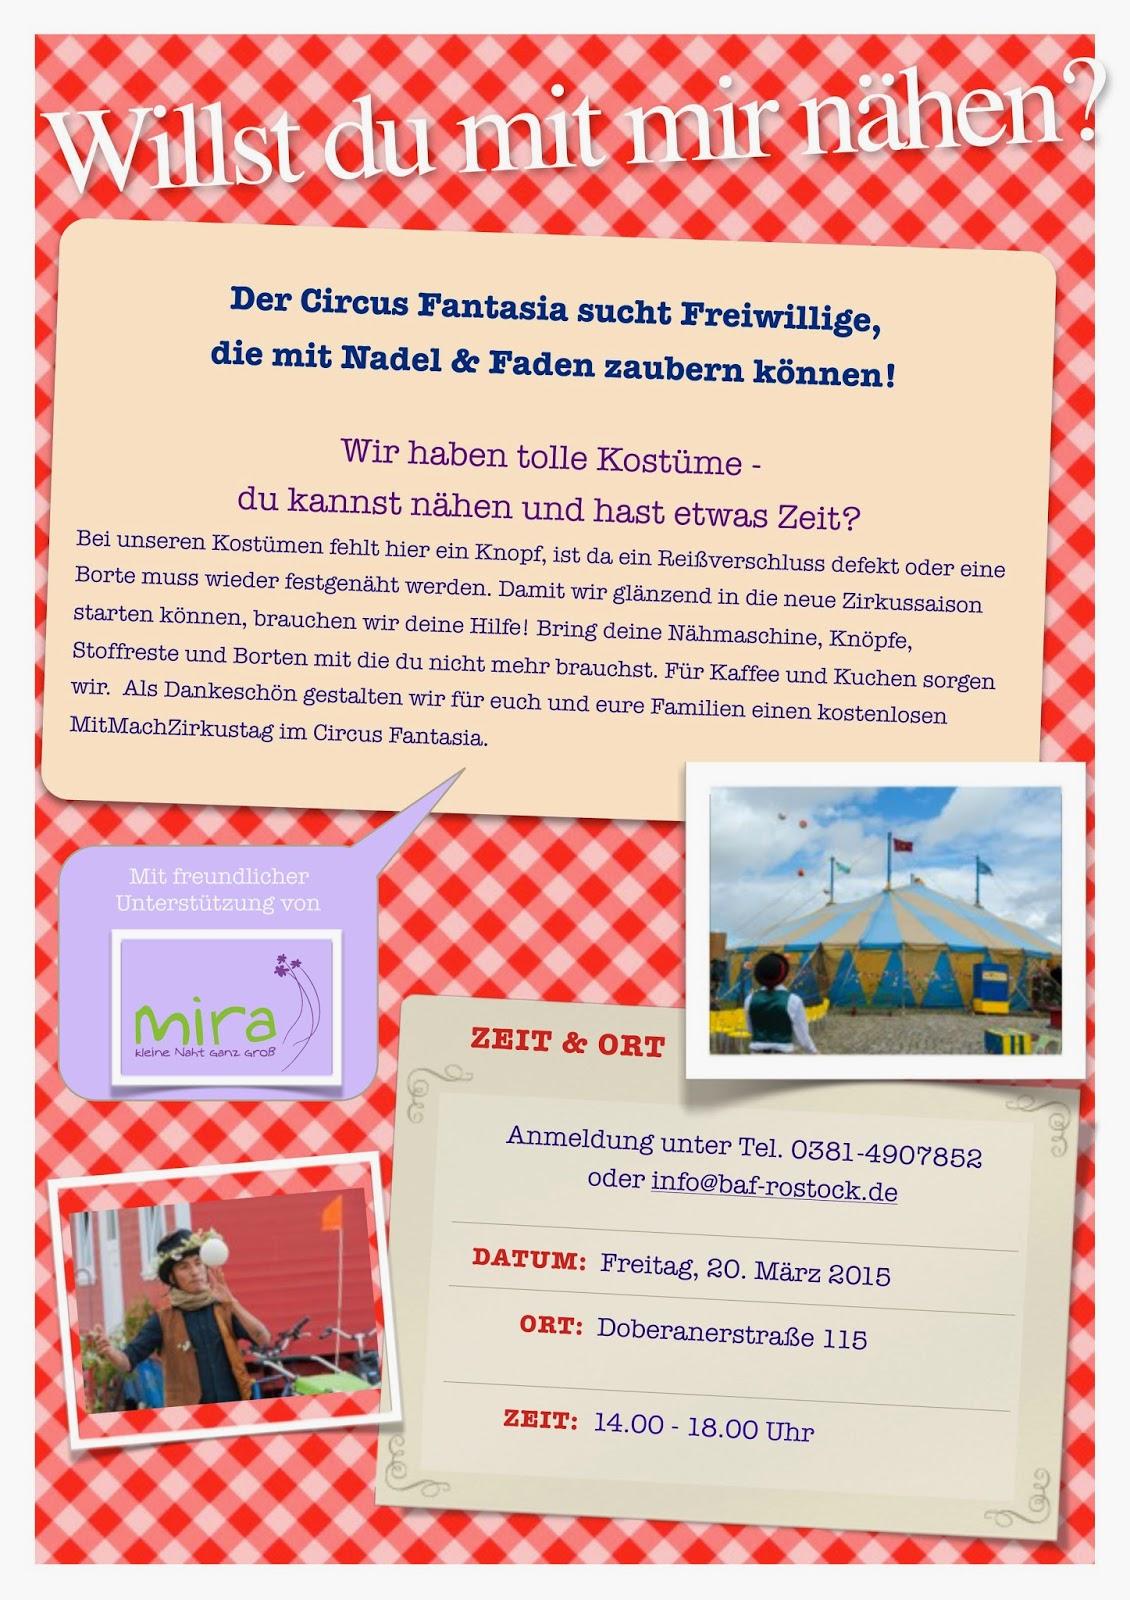 Habt Ihr Lust? Nähen für den Circus Fantasia!